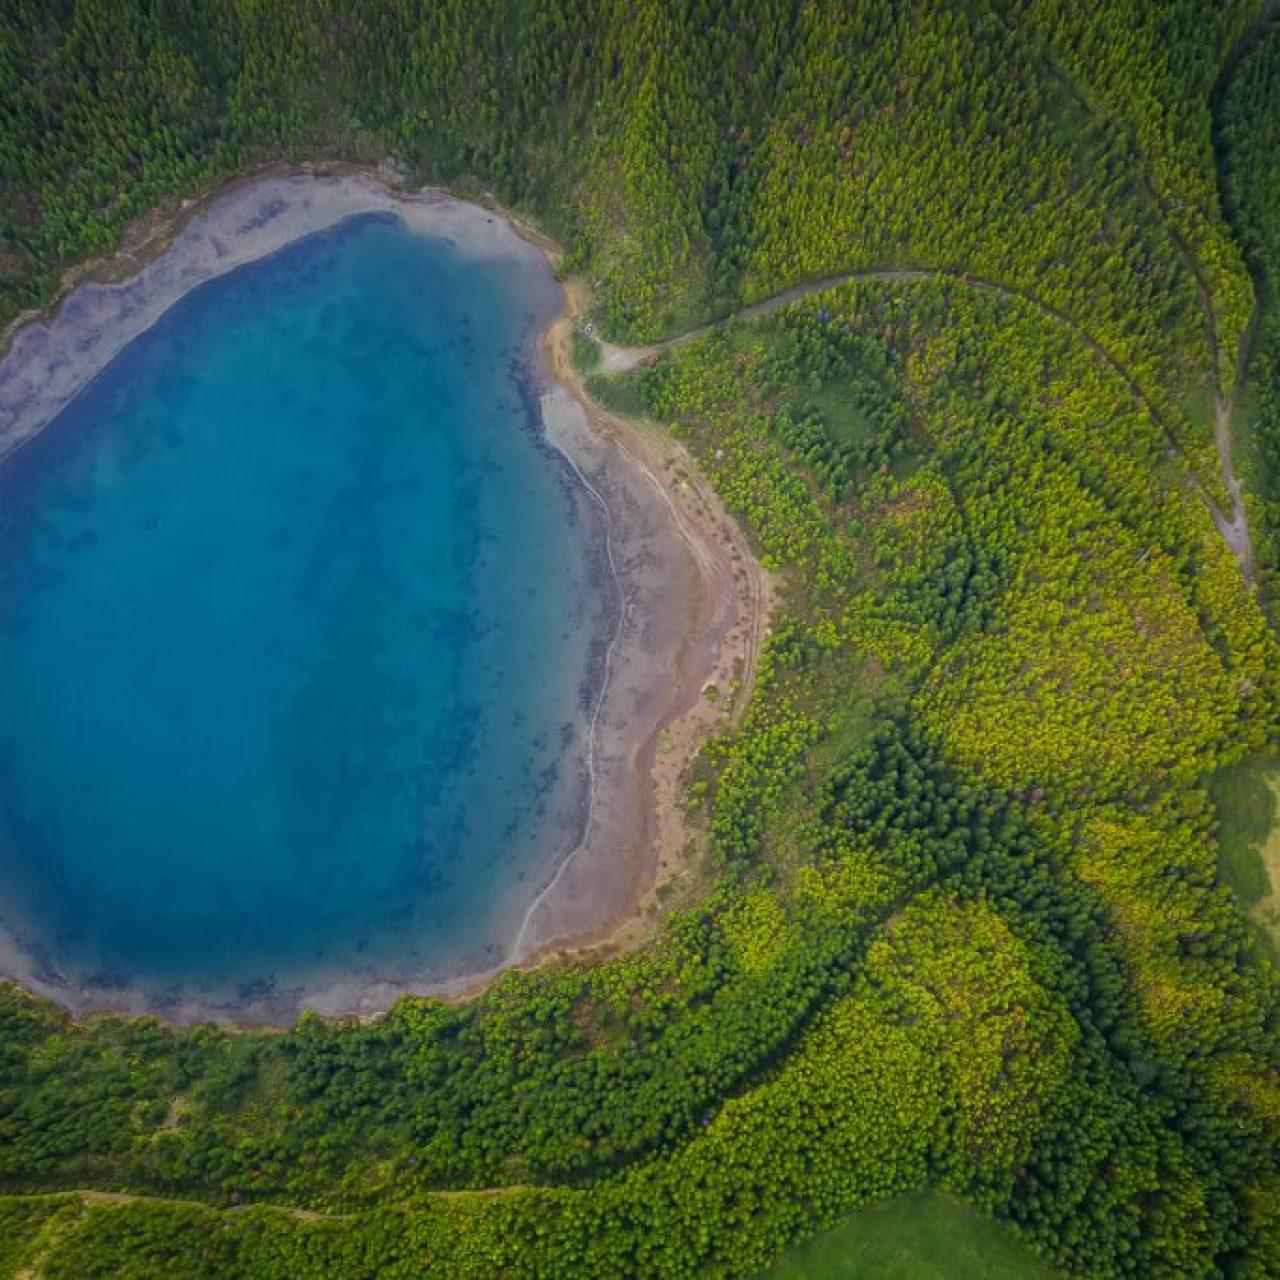 Petit lac dans un cratère volcanique des Açores, photographie de Kah-Wai Lin